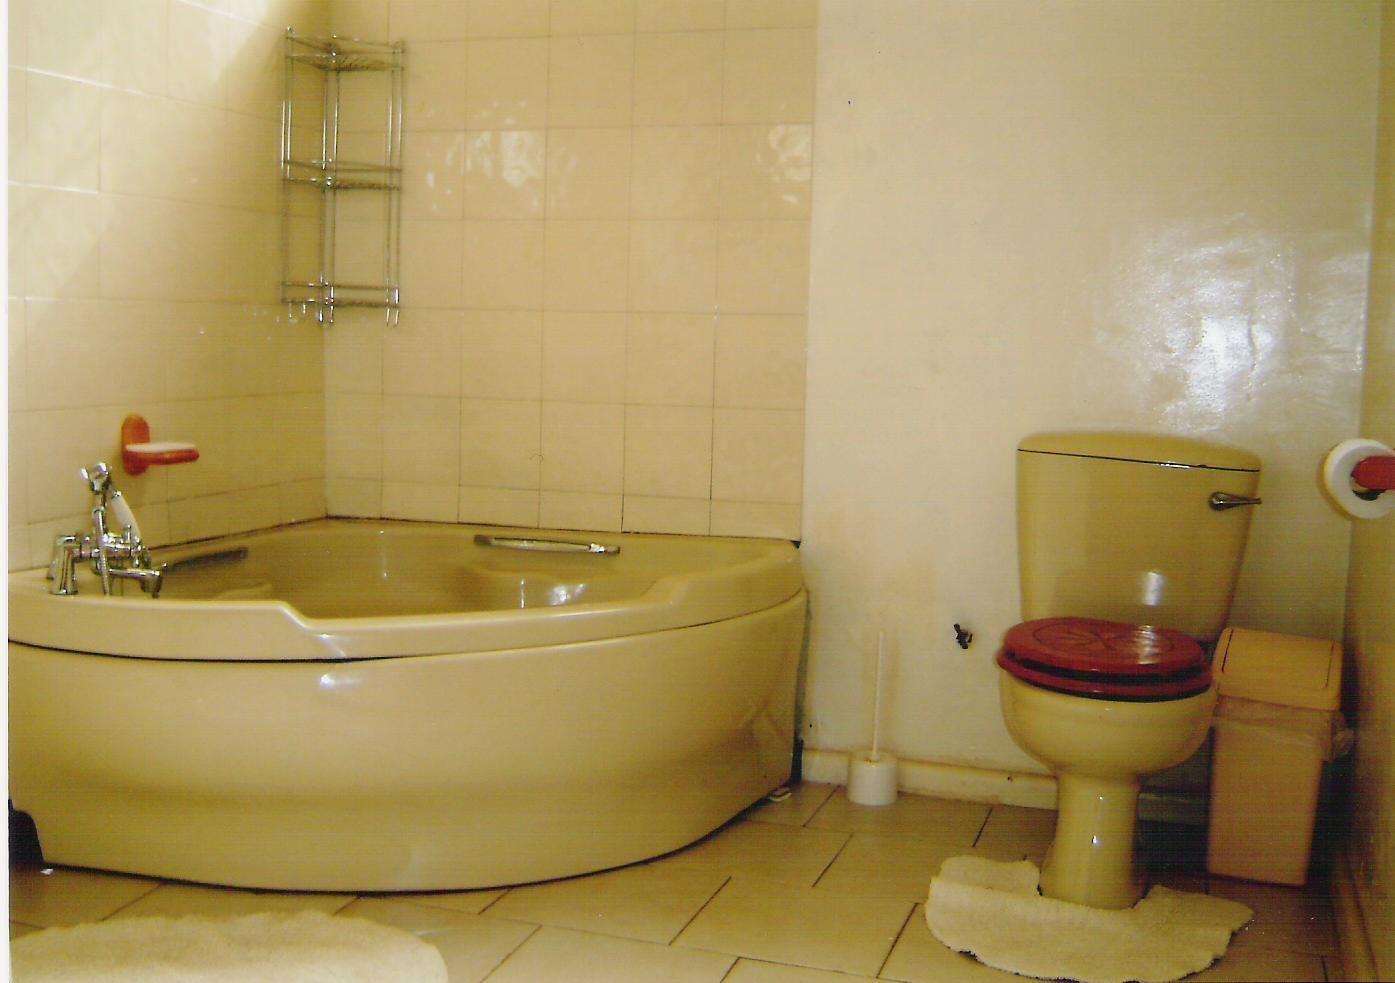 Exellent air king deluxe bathroom exhaust fans, Presented